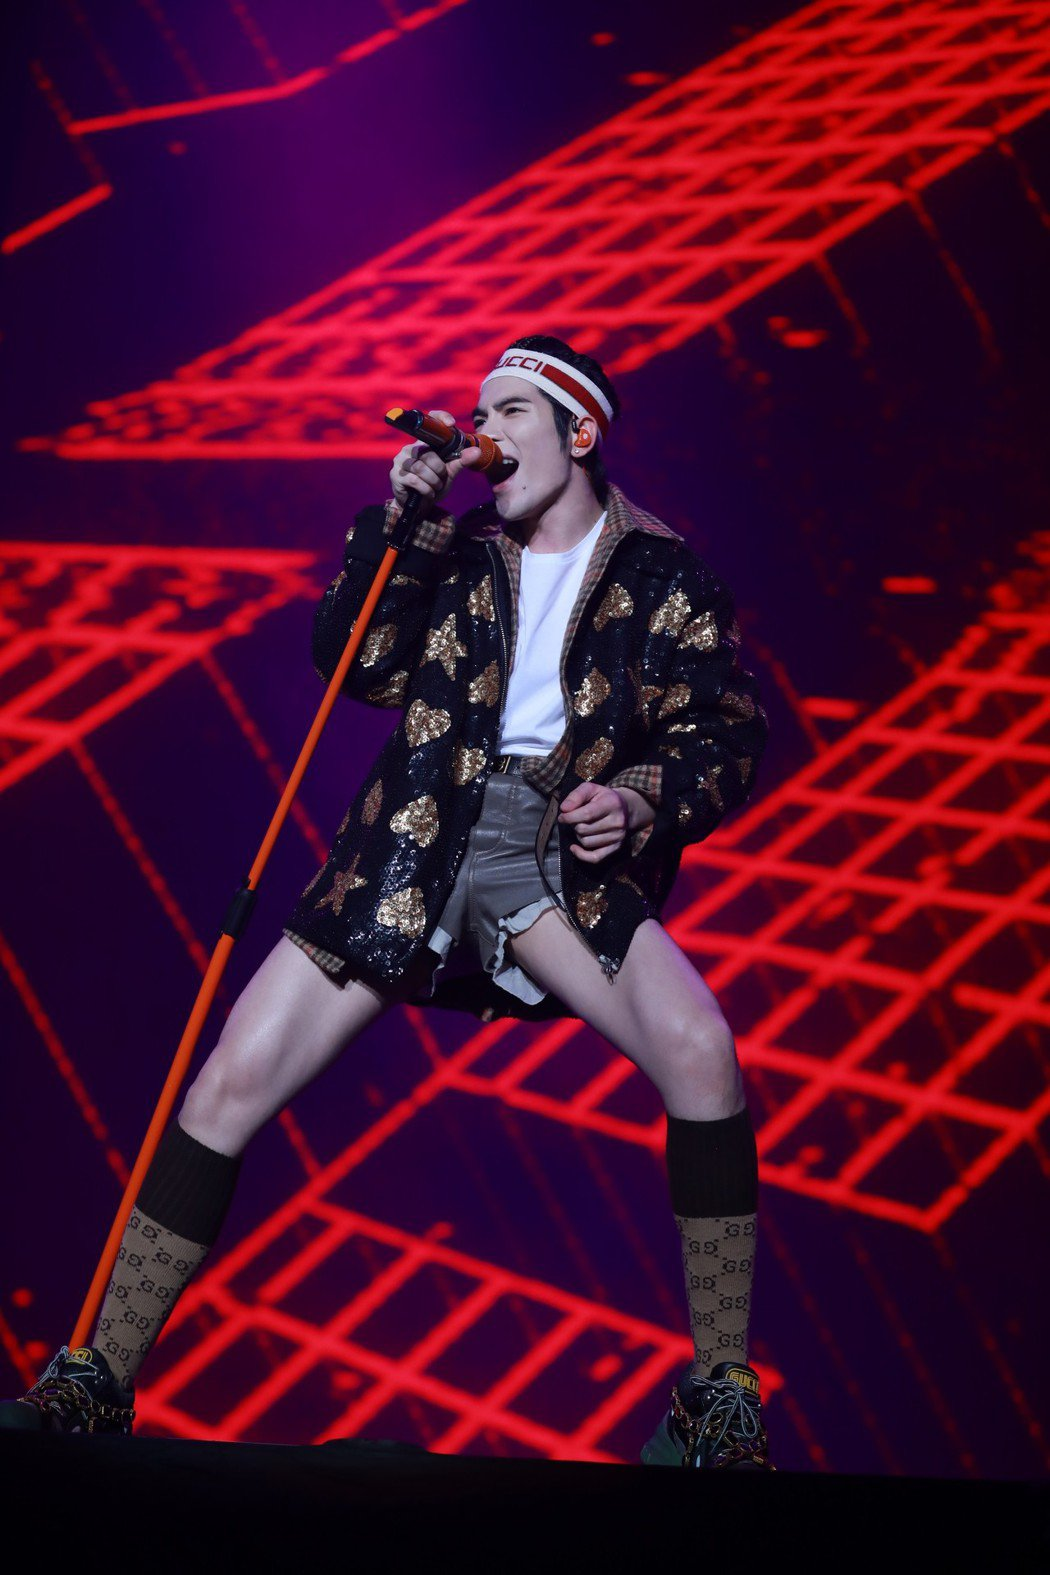 蕭敬騰穿著短褲,秀出大腿肌肉線條。圖/華納提供